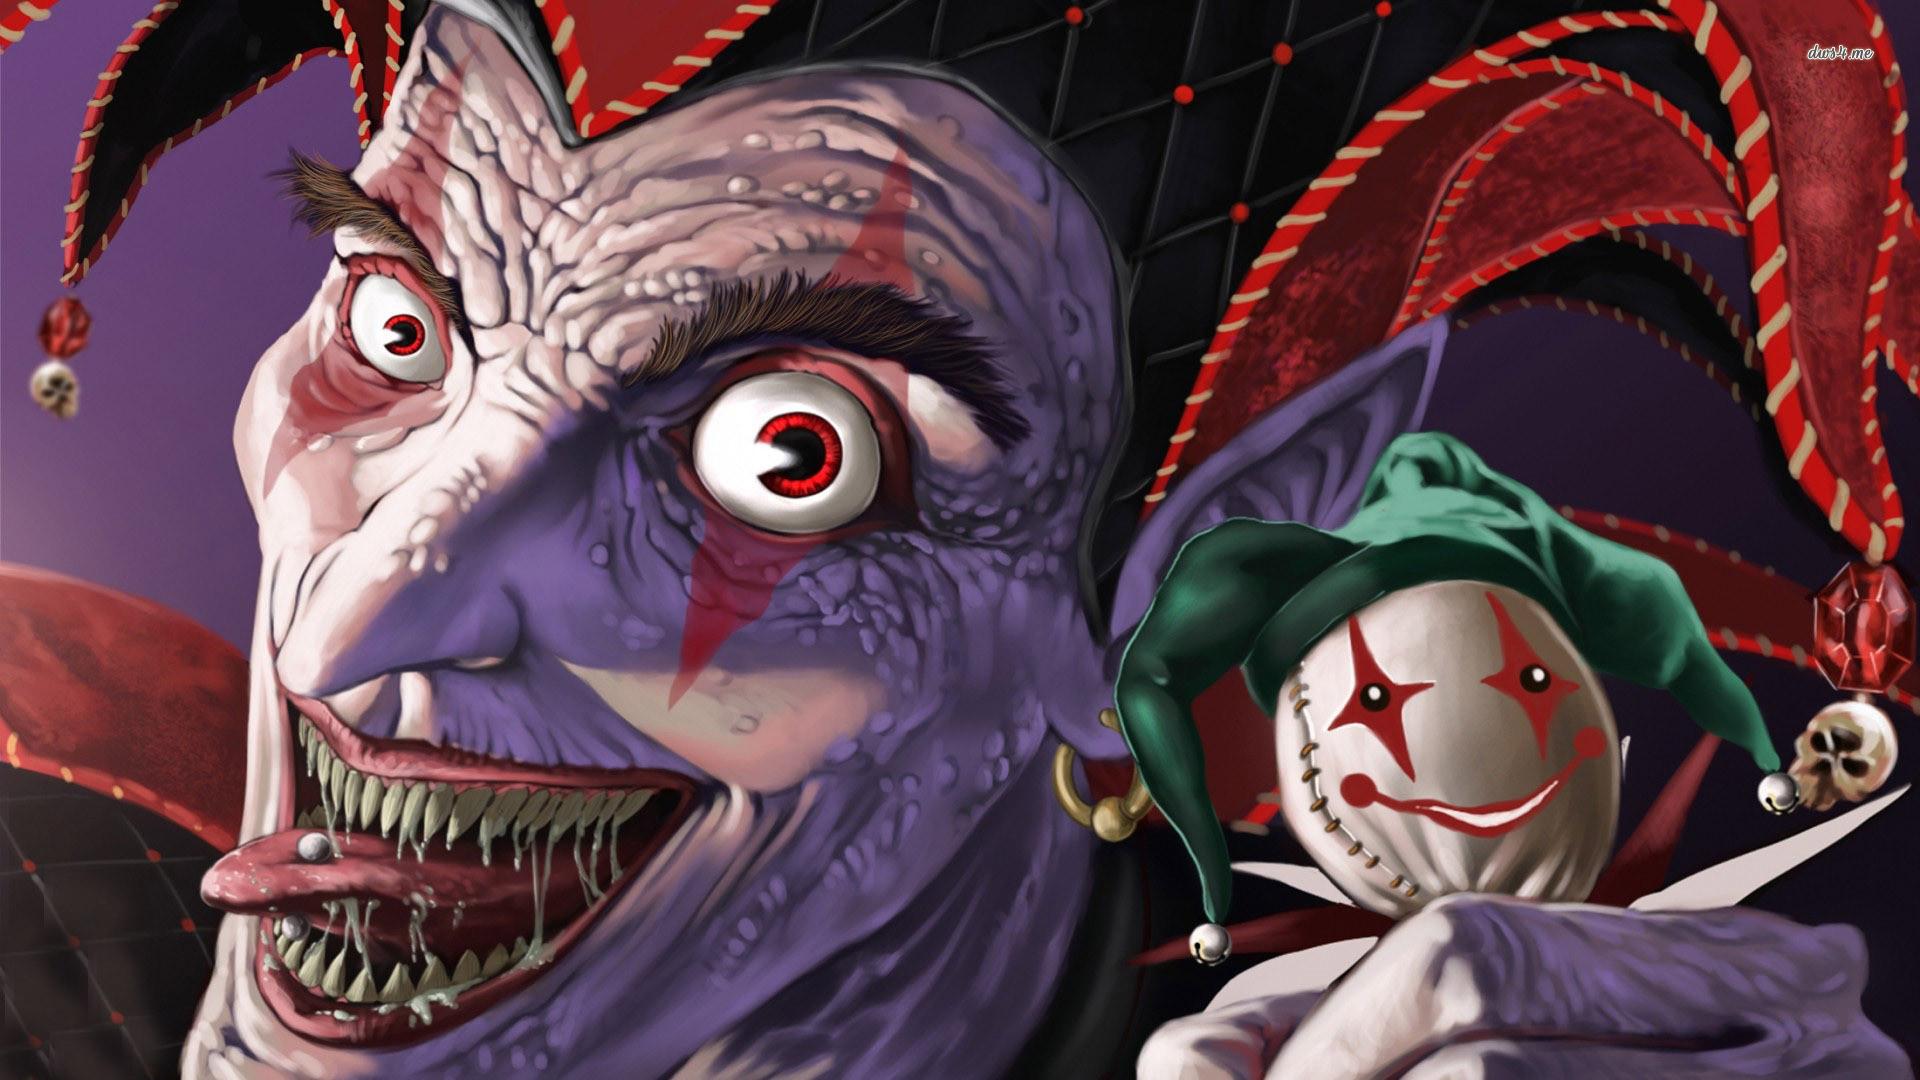 Evil Joker Wallpaper (78+ Images